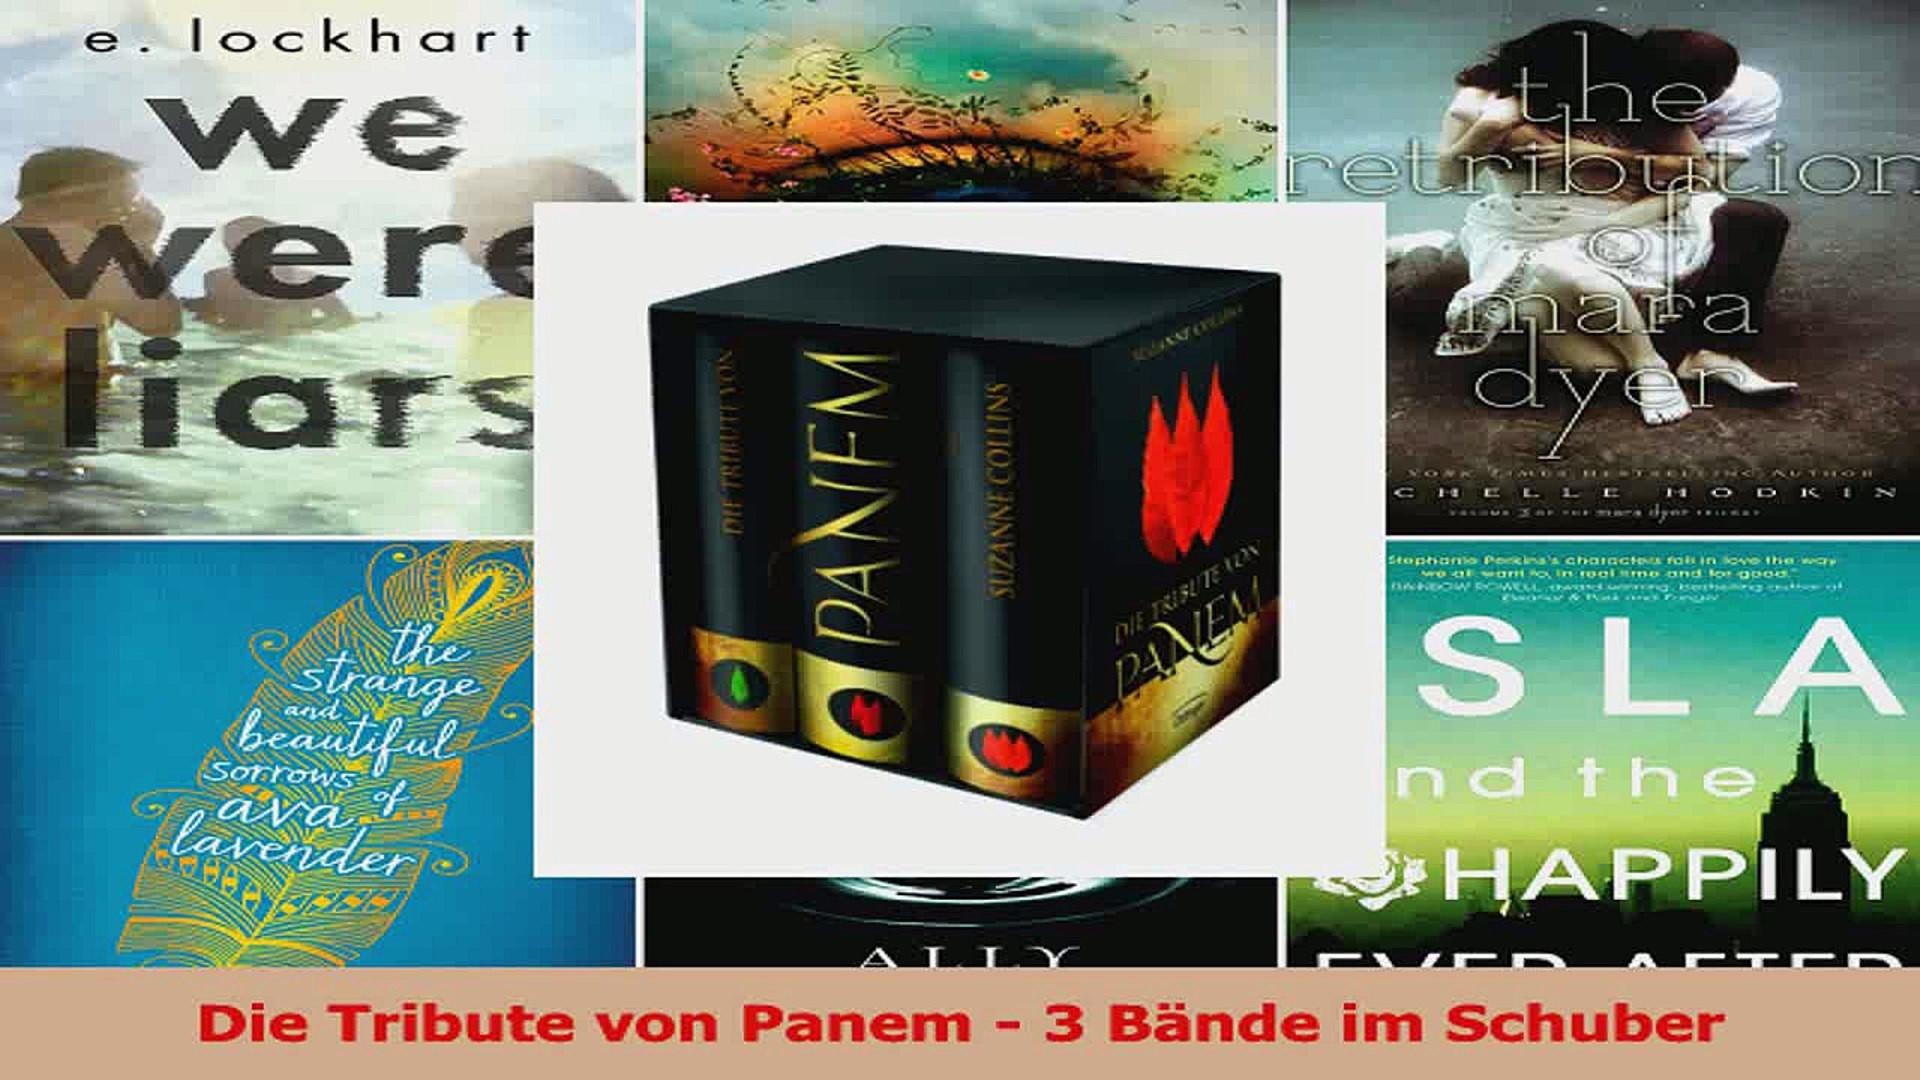 Peppa Wutz Deutsch Schwimmen Inspirierend Pdf Download Die Tribute Von Panem 3 Bände Im Schuber Read Line Das Bild